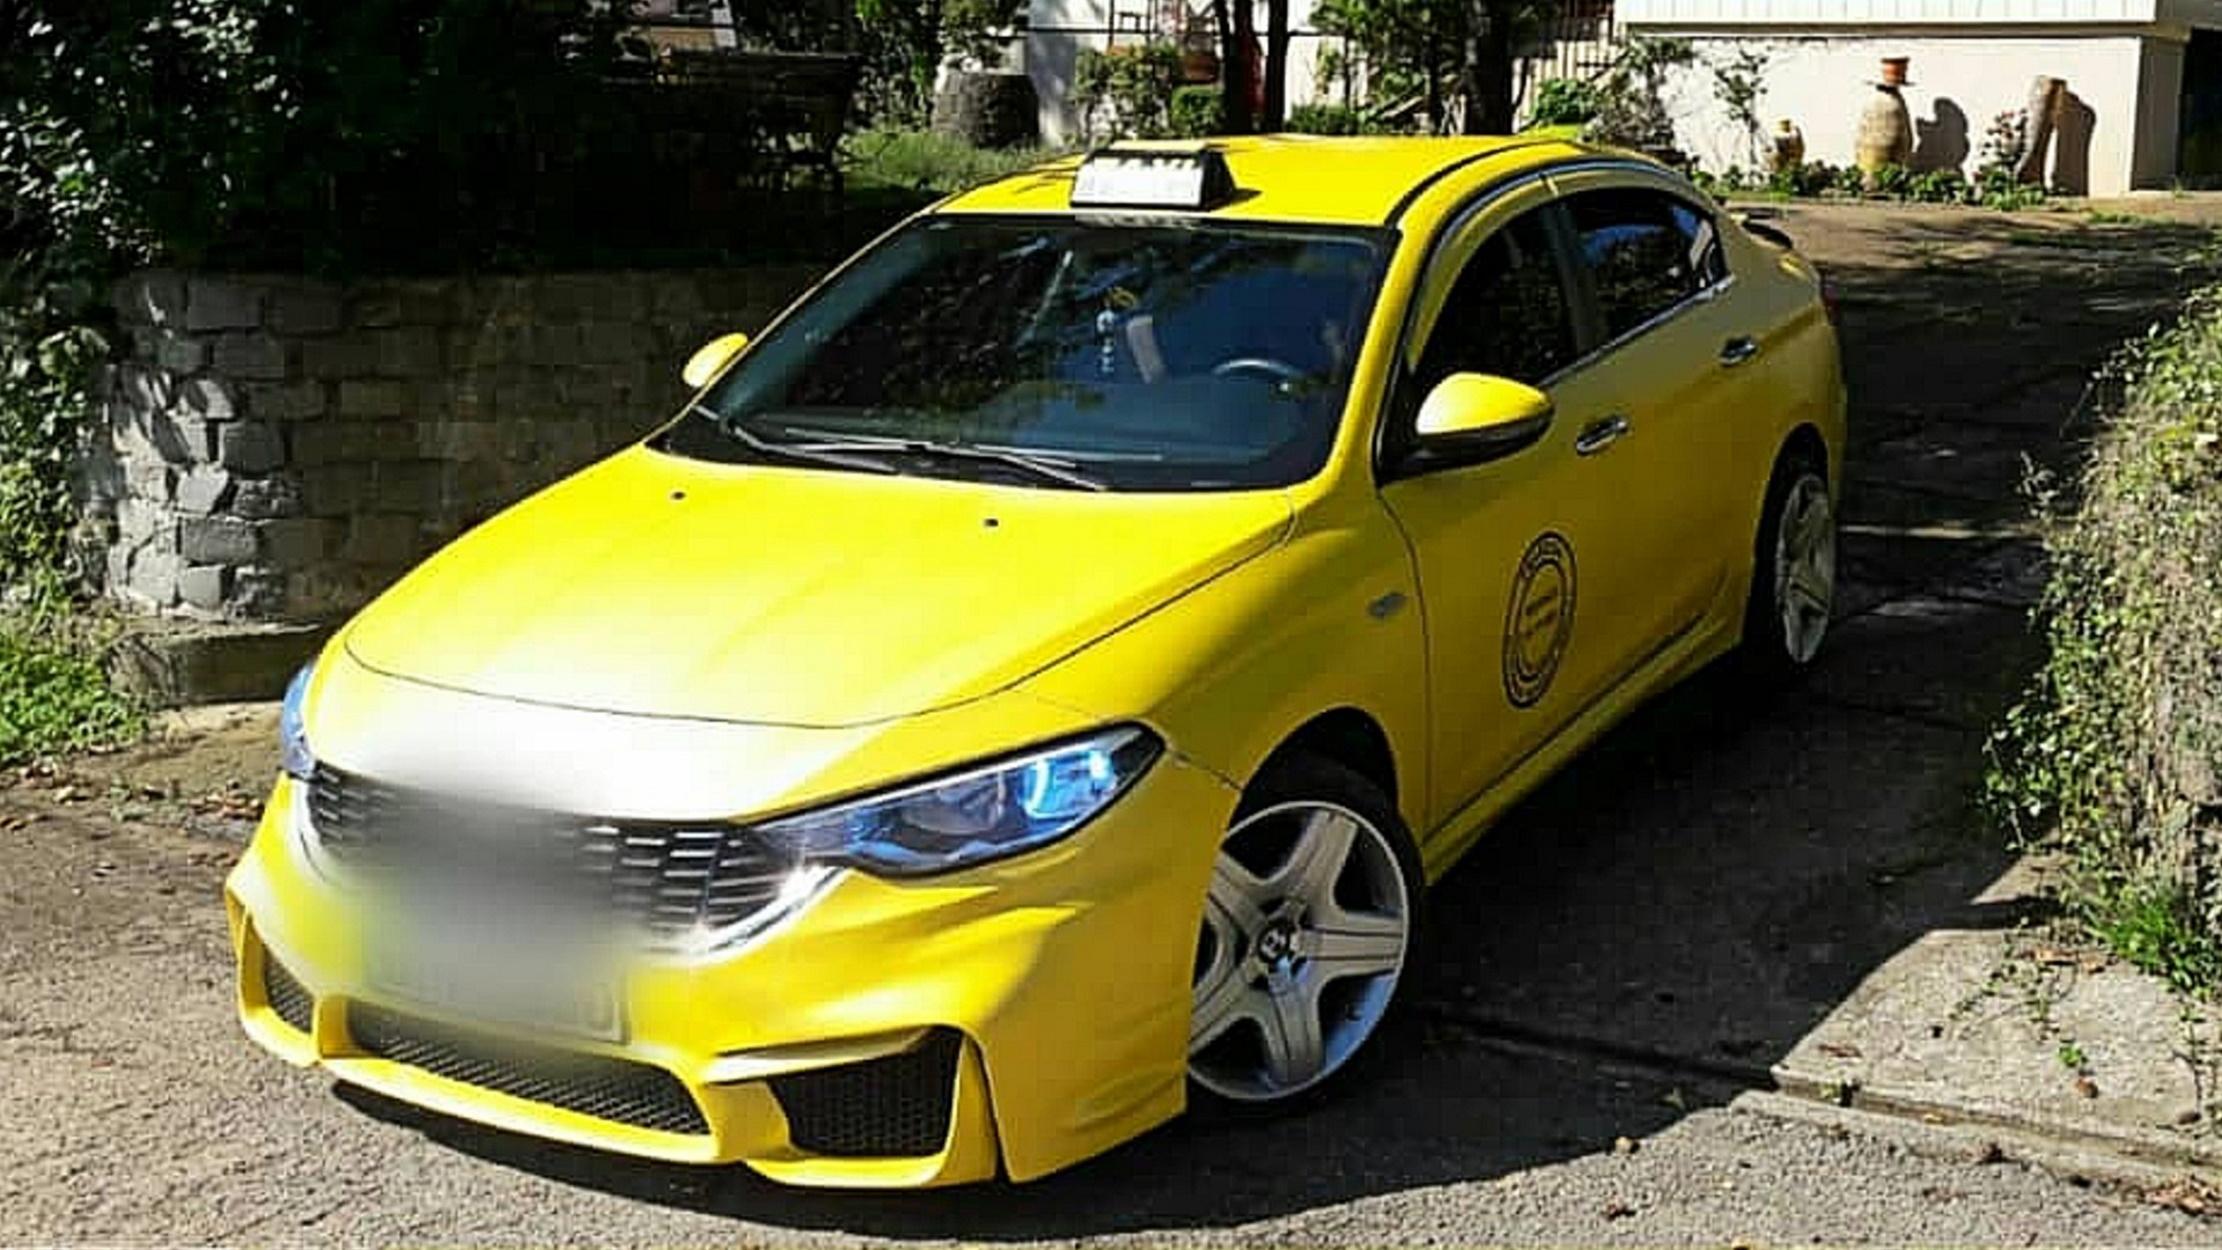 Και στα ταξί η μείωση του ΦΠΑ από το 24% στο 13%